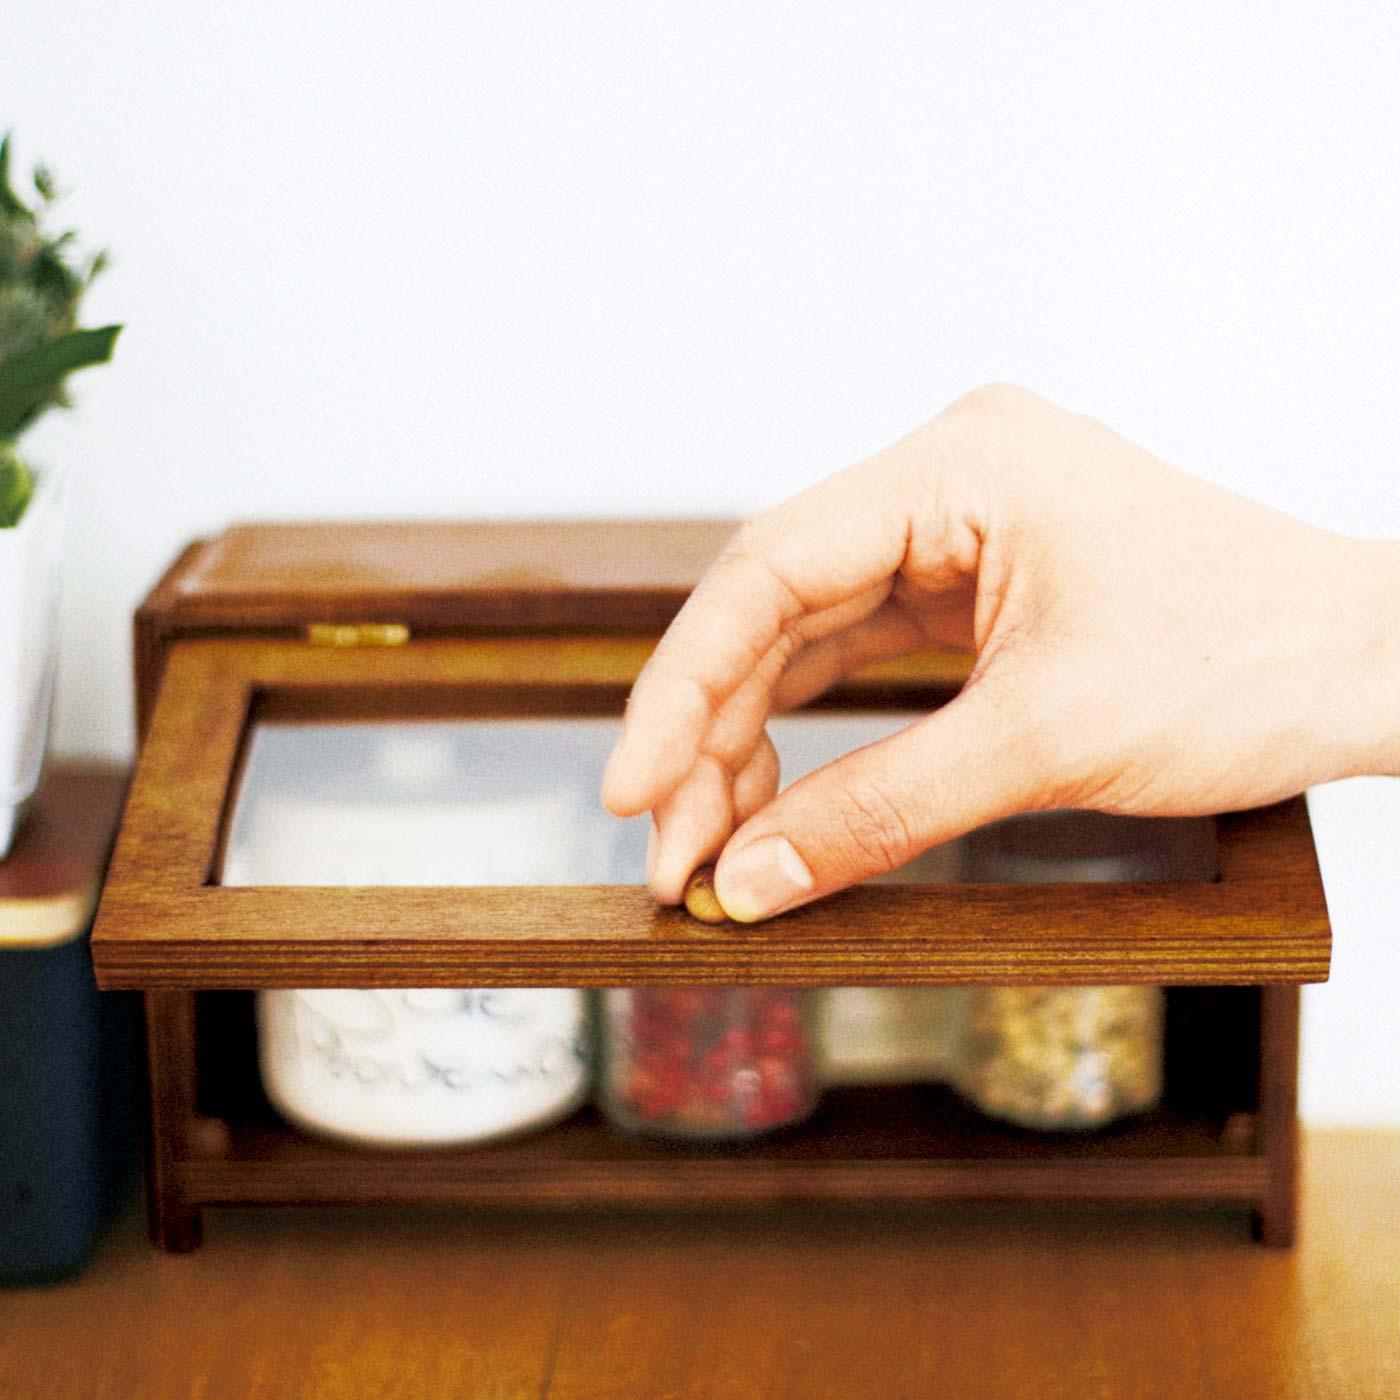 つまみを持って片手でサッと開けられる扉。